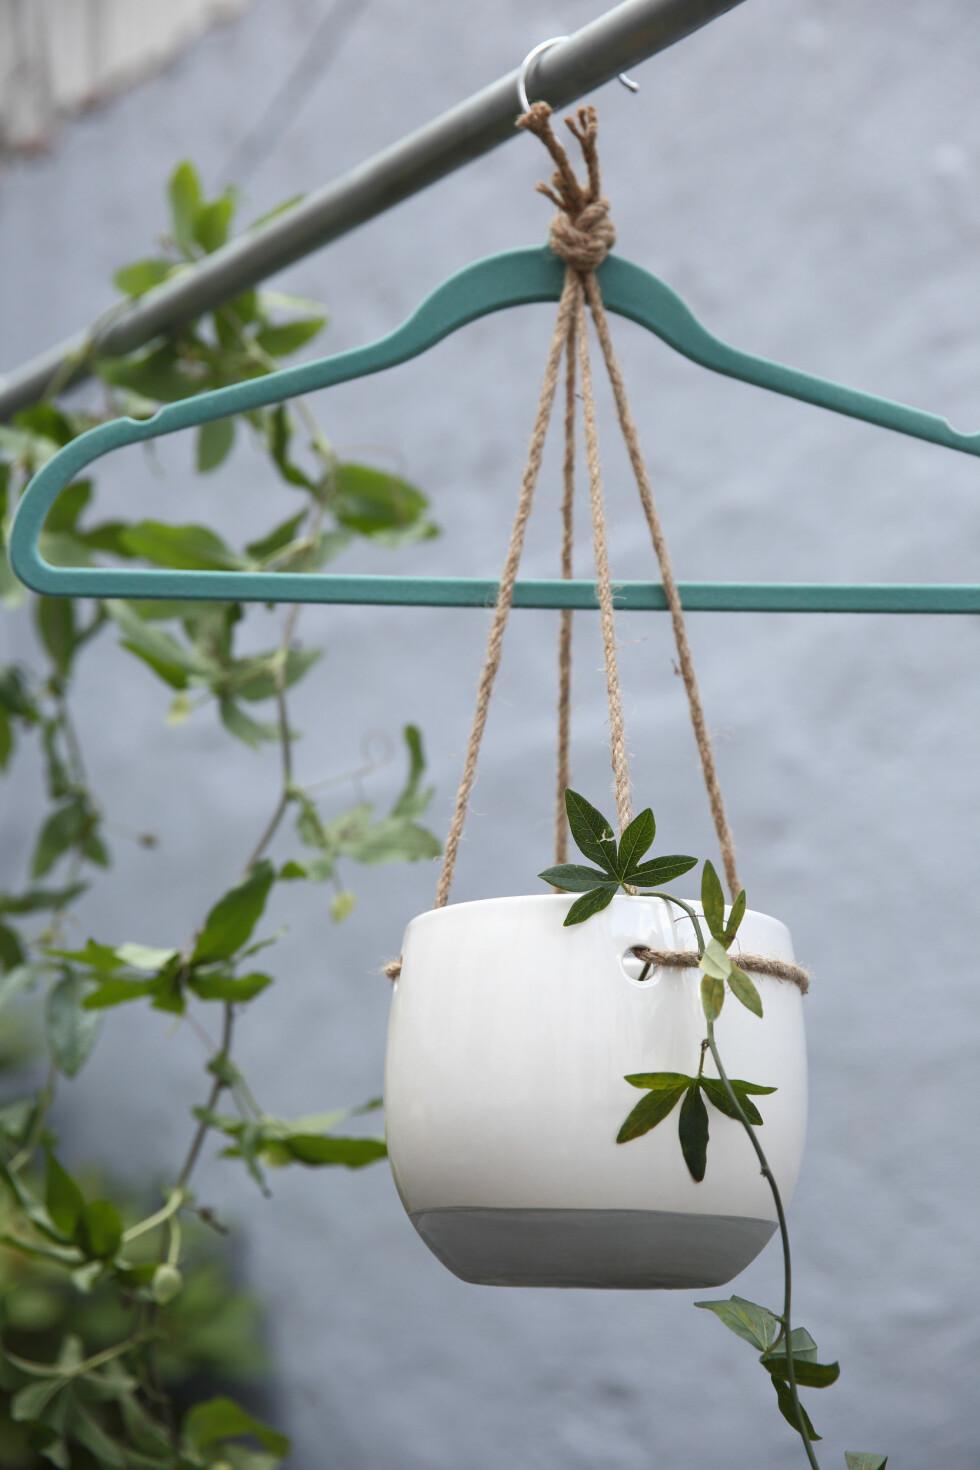 HENG DET OPP: Kleshengere og klesstativ kan brukes som klatrestativ til lekende klatreplanter. Fest hengepotter i kleshengere, og hekt dem på et stativ. Snart vil du se at det gror! Passiflora er en nydelig sommerplante som klatrer villig og får vakre blomster i blått og hvitt. Hengepotte fra Mustang Sally og kleshenger fra Søstrene Grene. Foto: Krista Elvheim